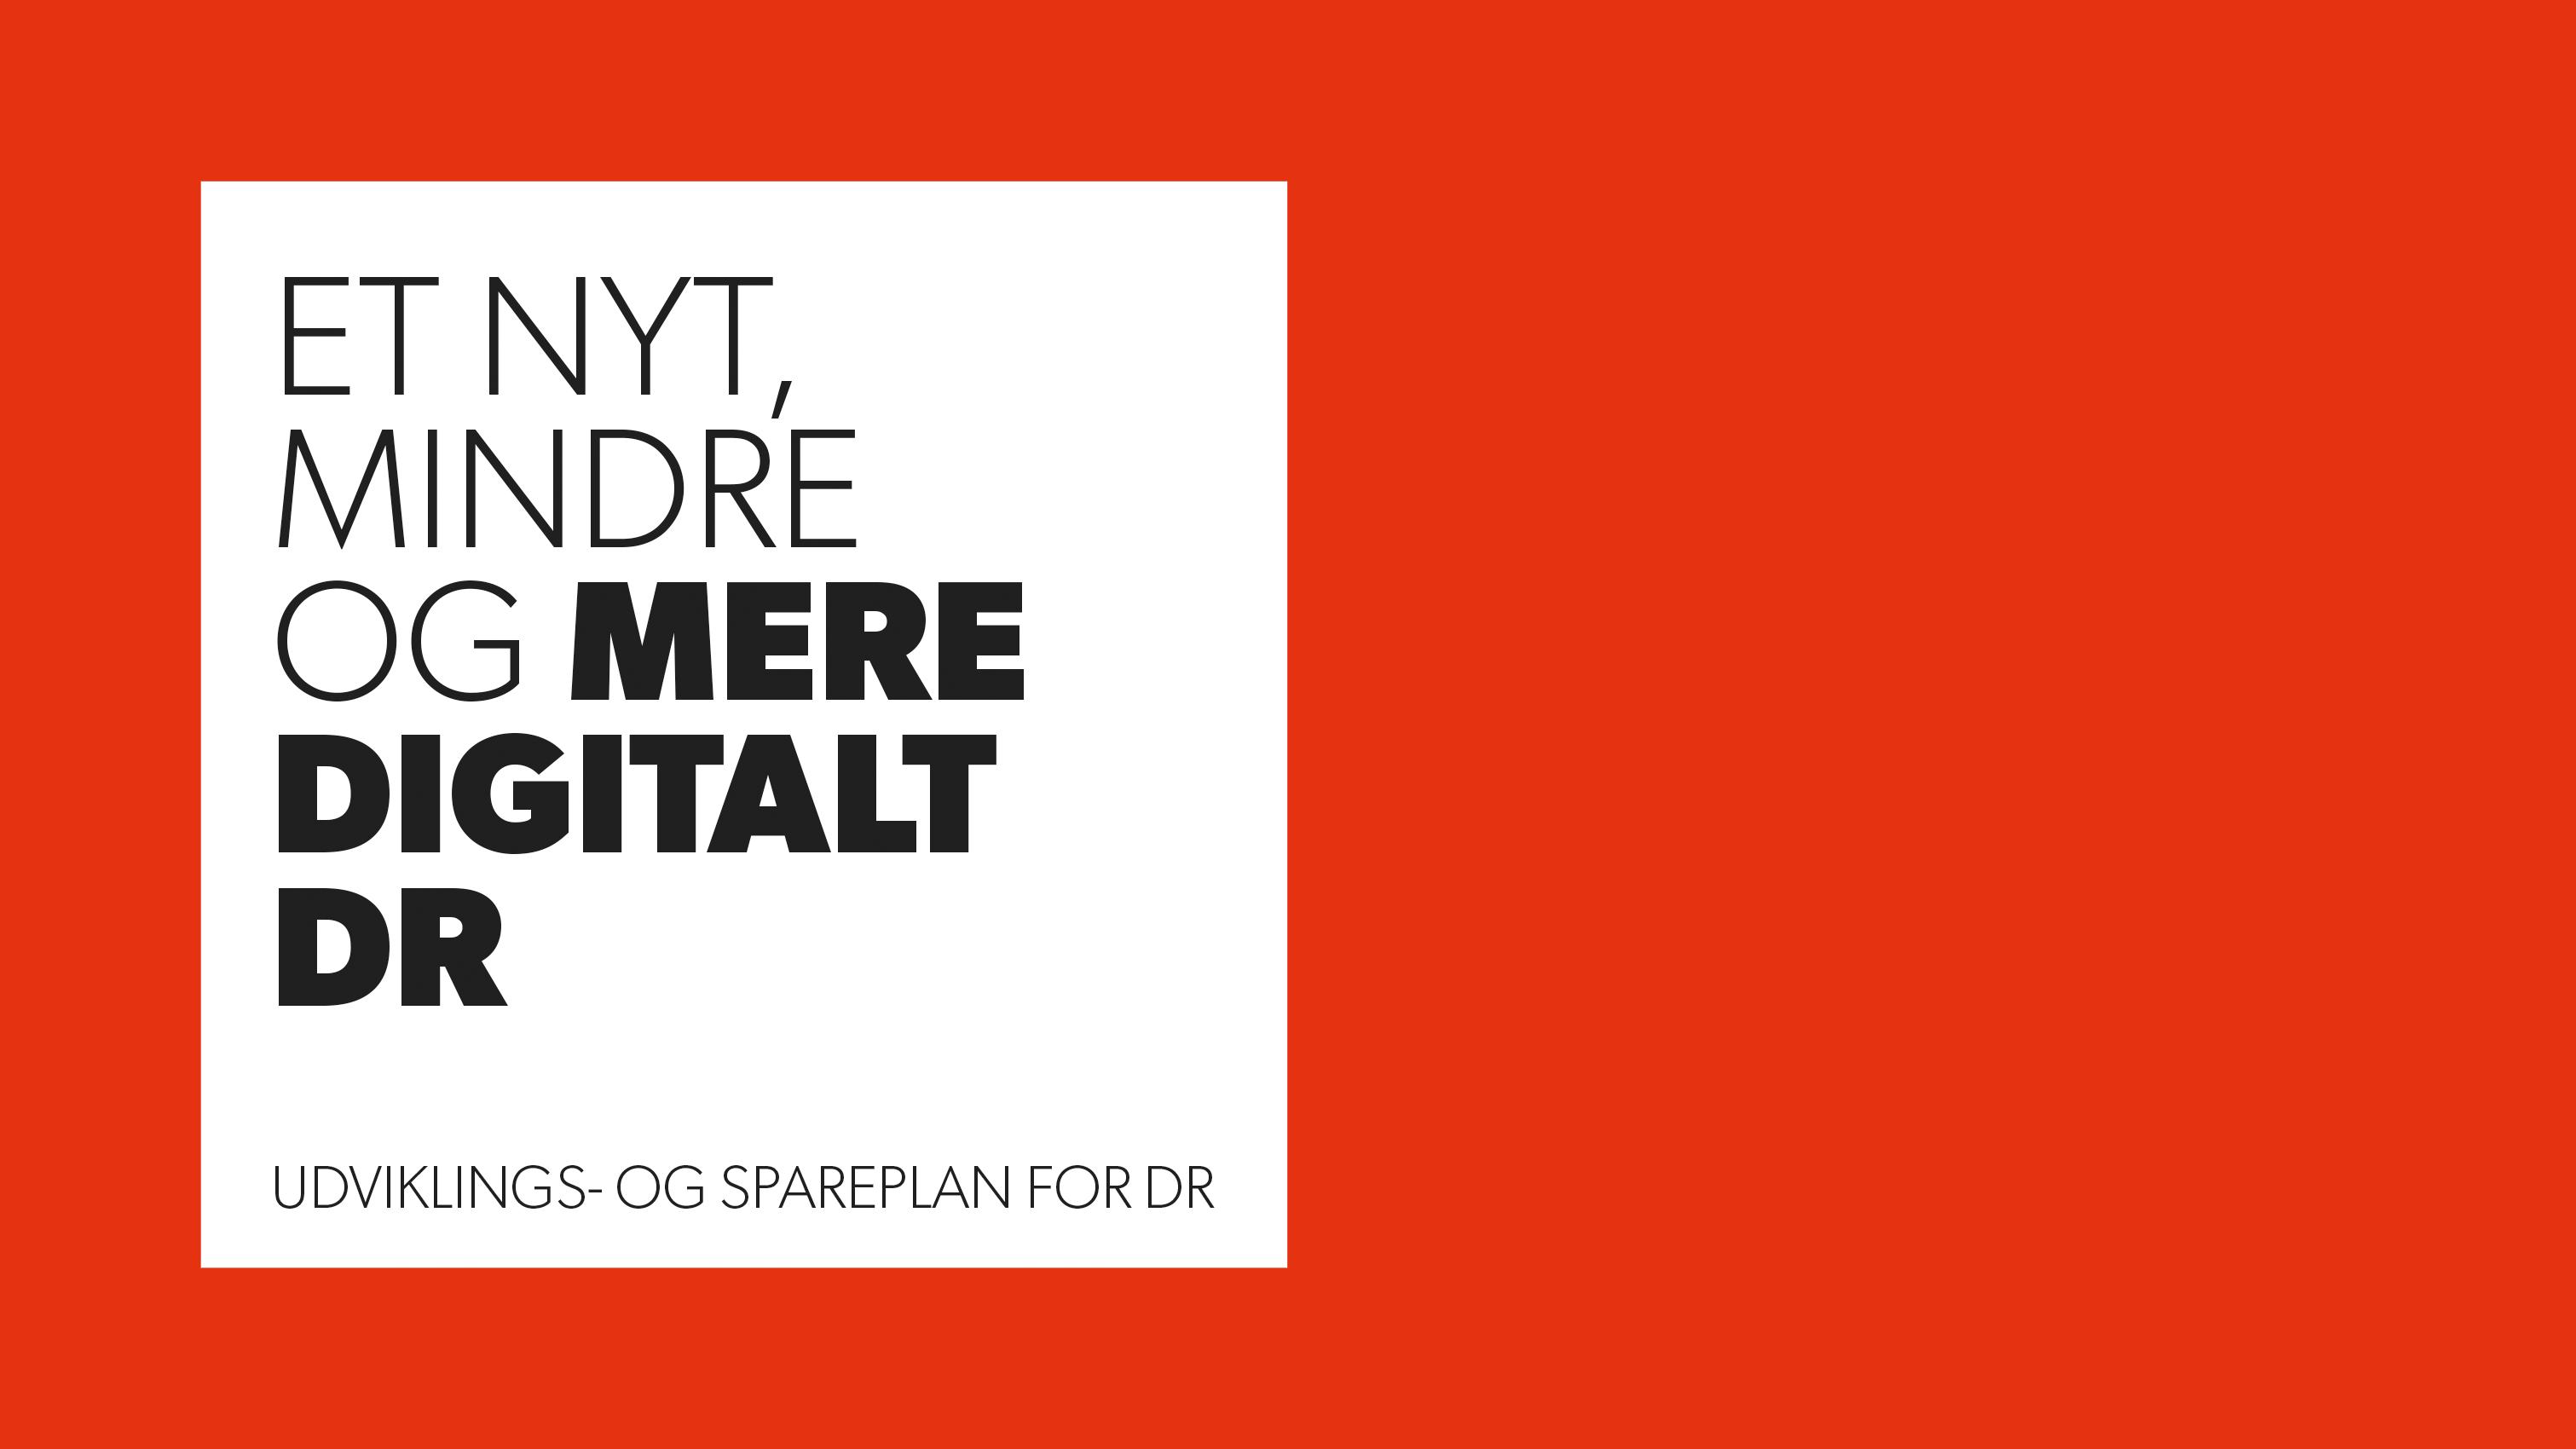 et_mindre_mere_digitalt_dr.png